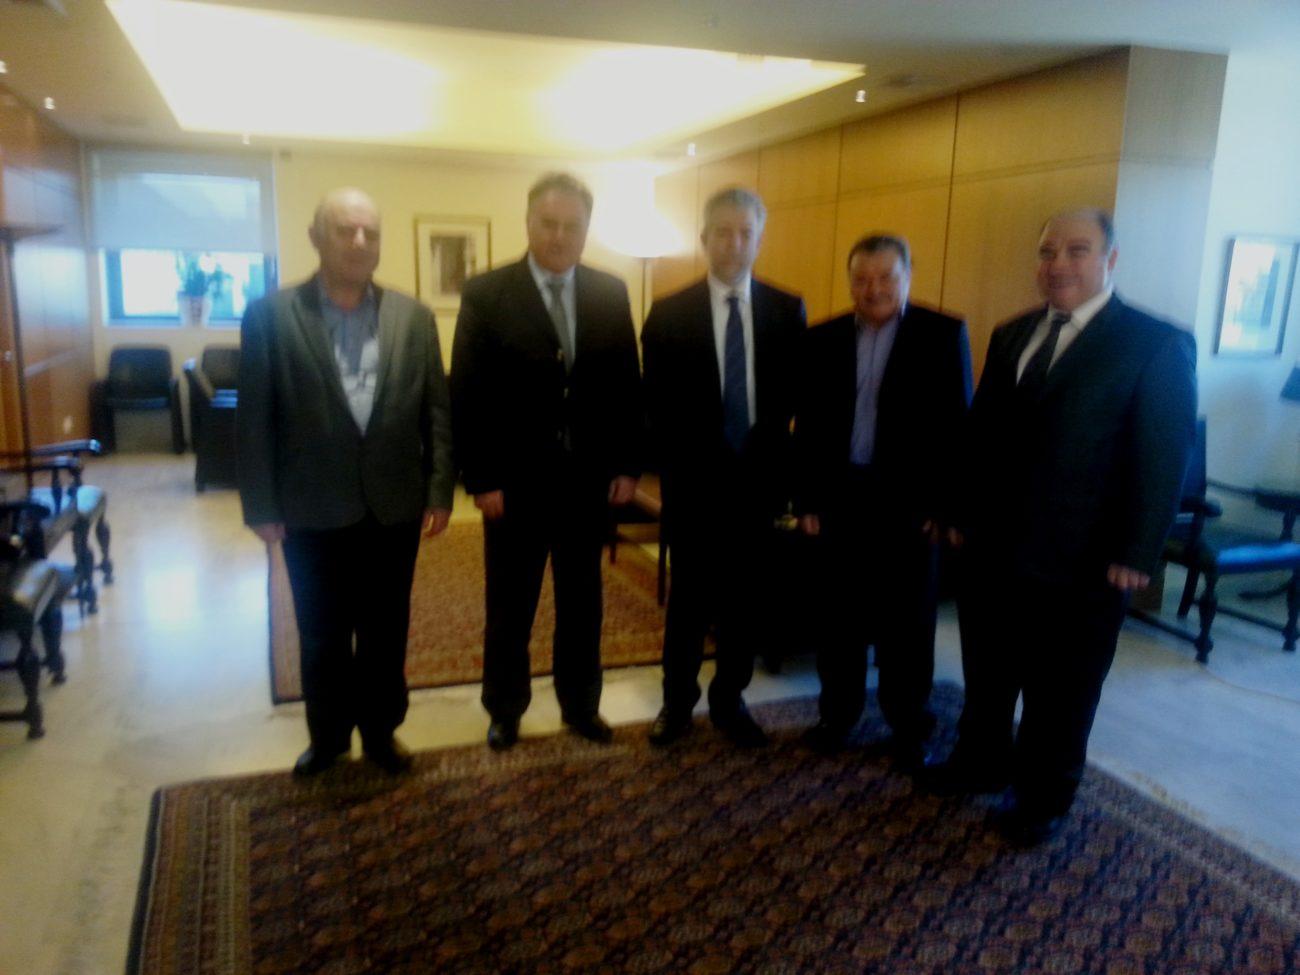 Συνάντηση με Υφυπουργό Αθλητισμού Κ. Σταύρο Κοντονή | Ελληνική Ομοσπονδία Κρίκετ